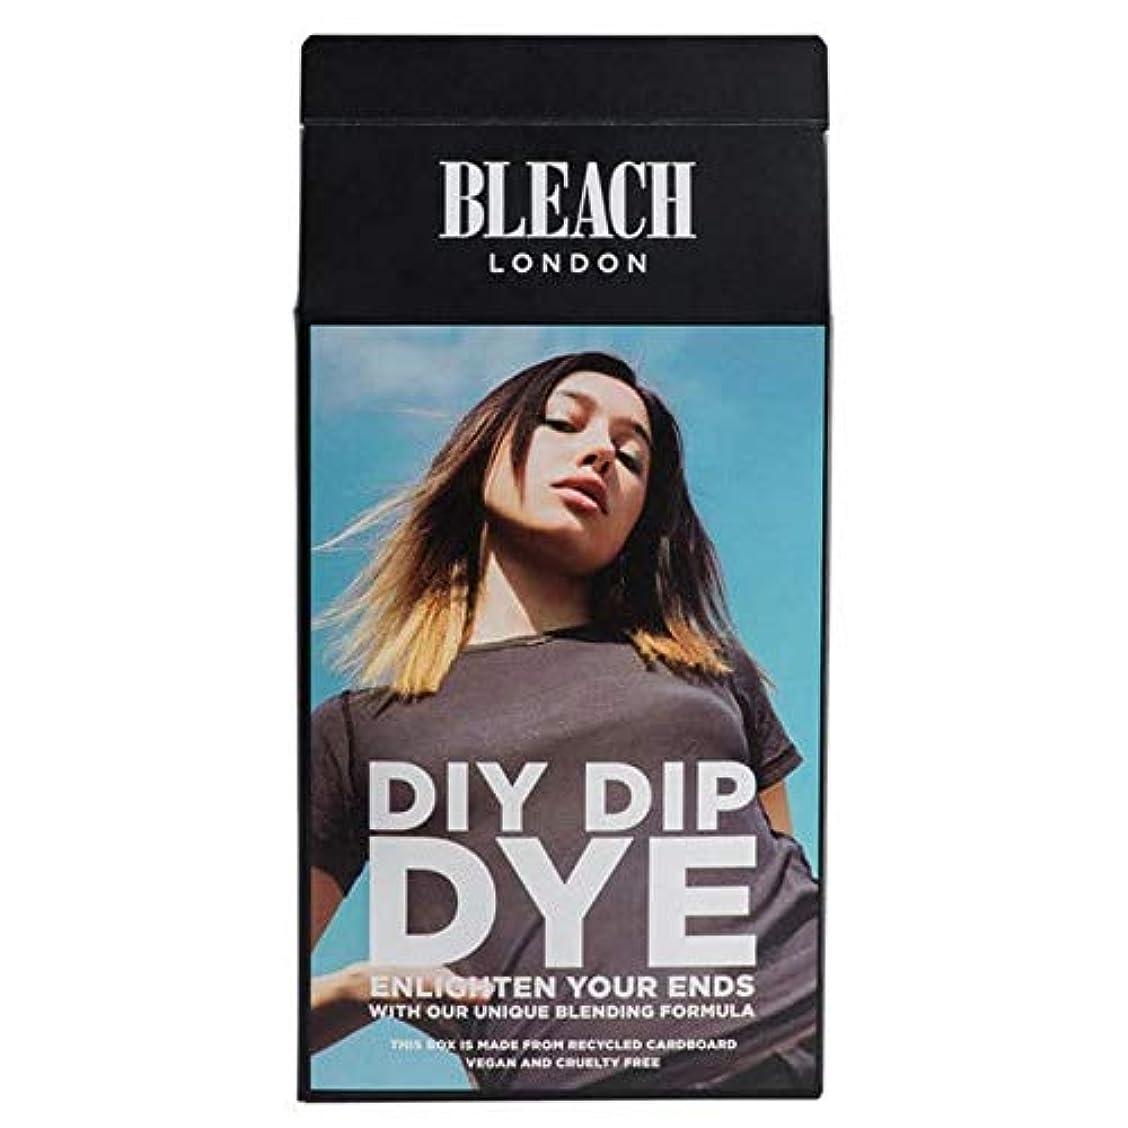 進捗退化する守る[Bleach London ] 漂白ロンドンDiyディップ染料キット - Bleach London DIY Dip Dye Kit [並行輸入品]